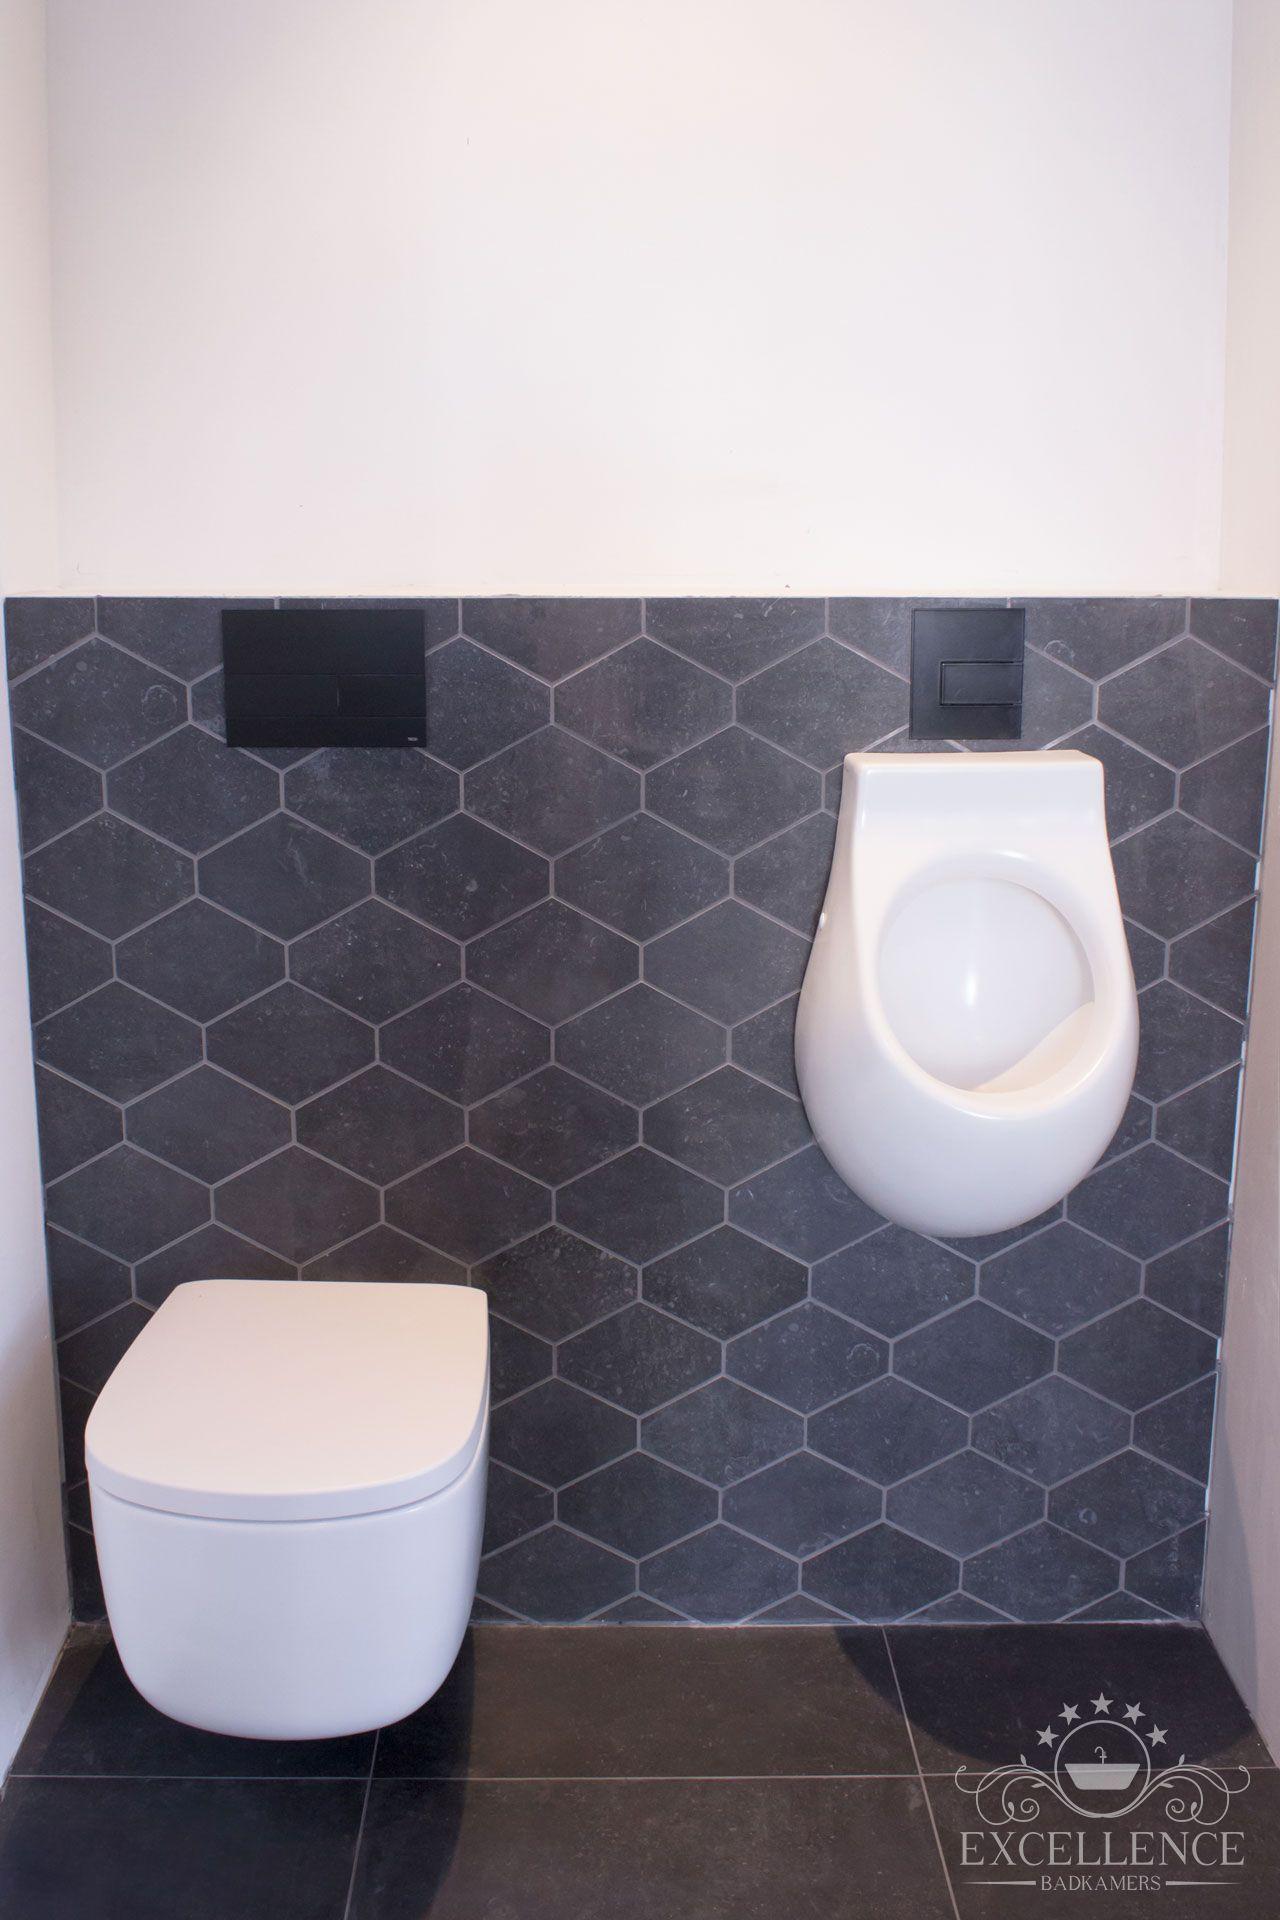 Maatwerk badkamer. Design wandcloset mat wit. Design urinoir mat wit ...